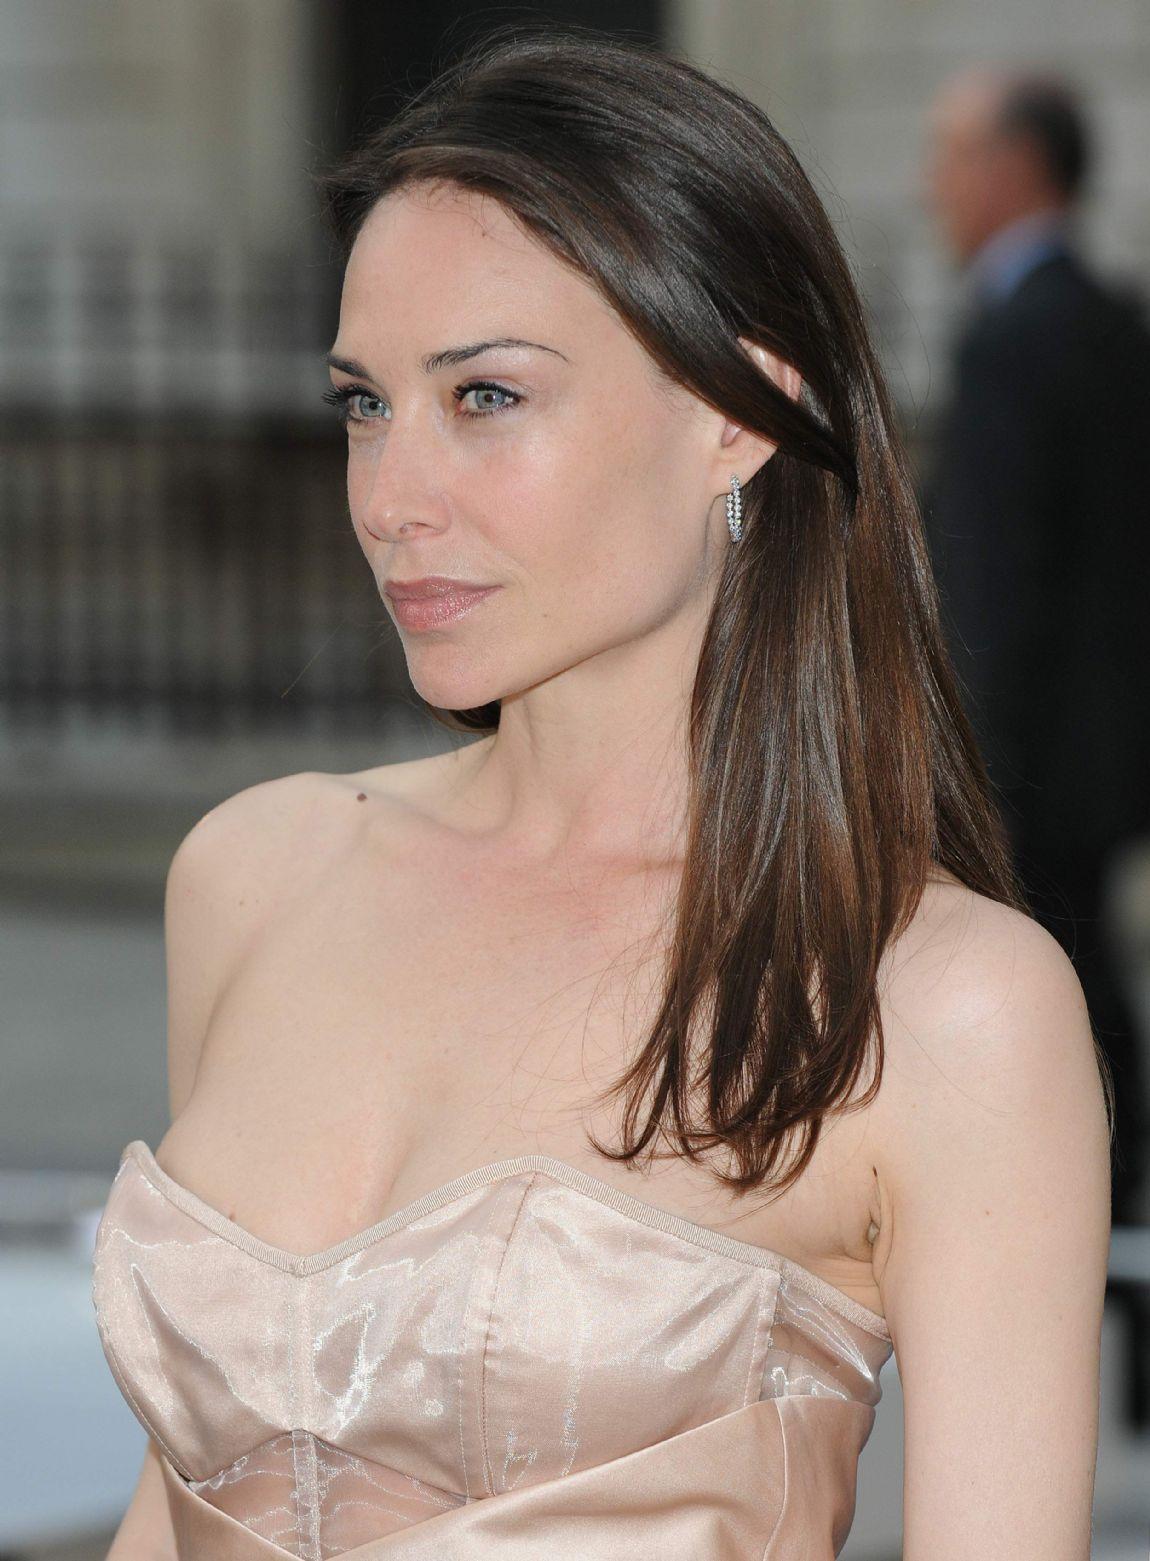 Claire Forlani Bikini